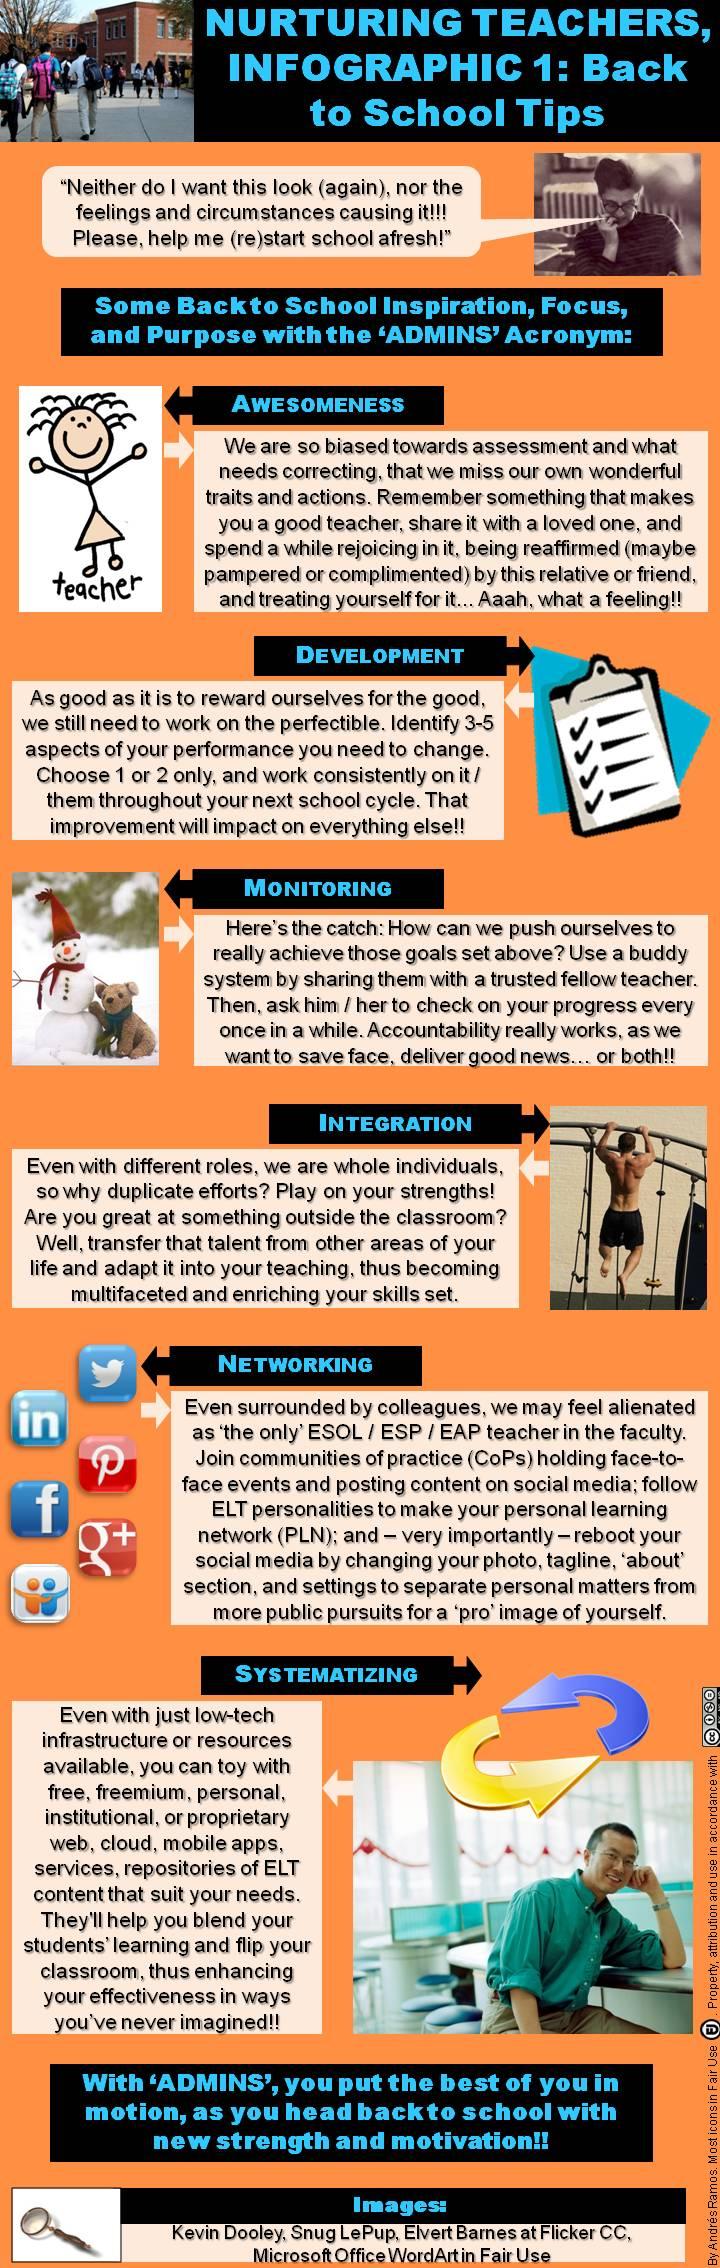 nurturing teachers infographic back to school tips let the nurturing teachers infographic 1 back to school tips let the admins acronym bring forth your best to start school afresh esol elt efl esl